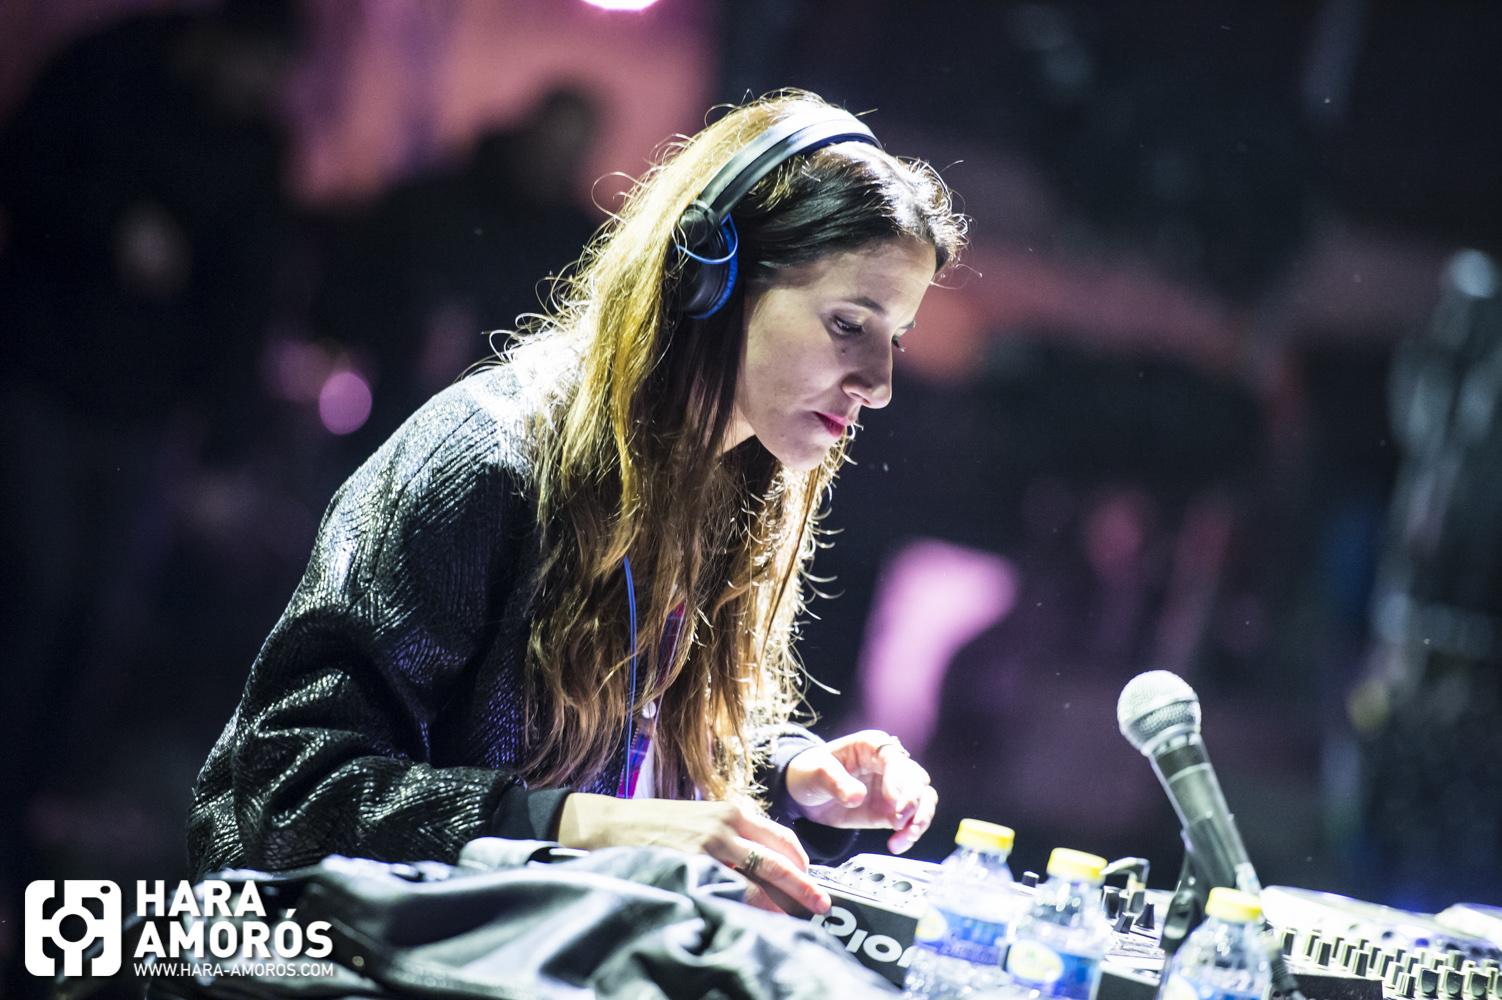 MBC_HD58 - sábado - 12 Ley DJ - © Hara Amorós